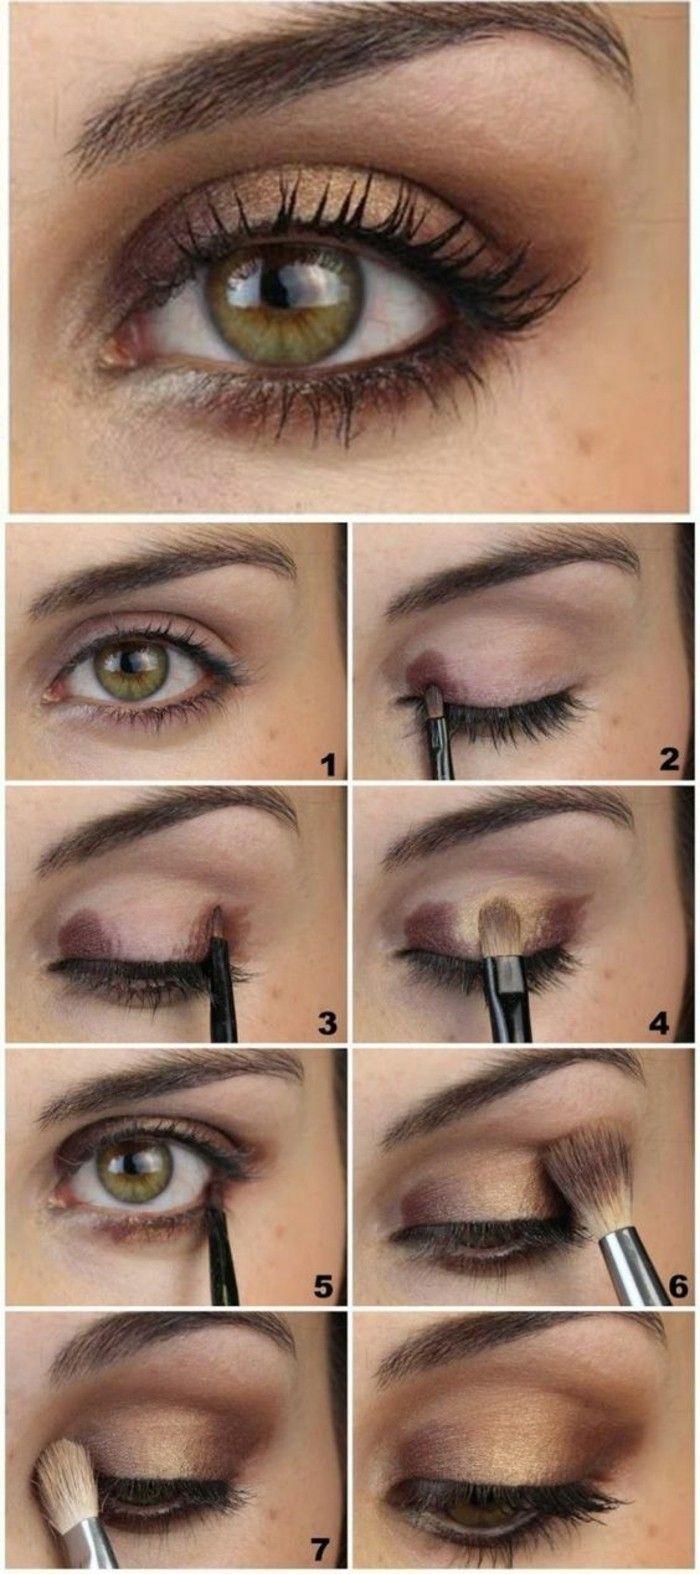 makeup ideas: maquillage marron doré pour souligner bien les